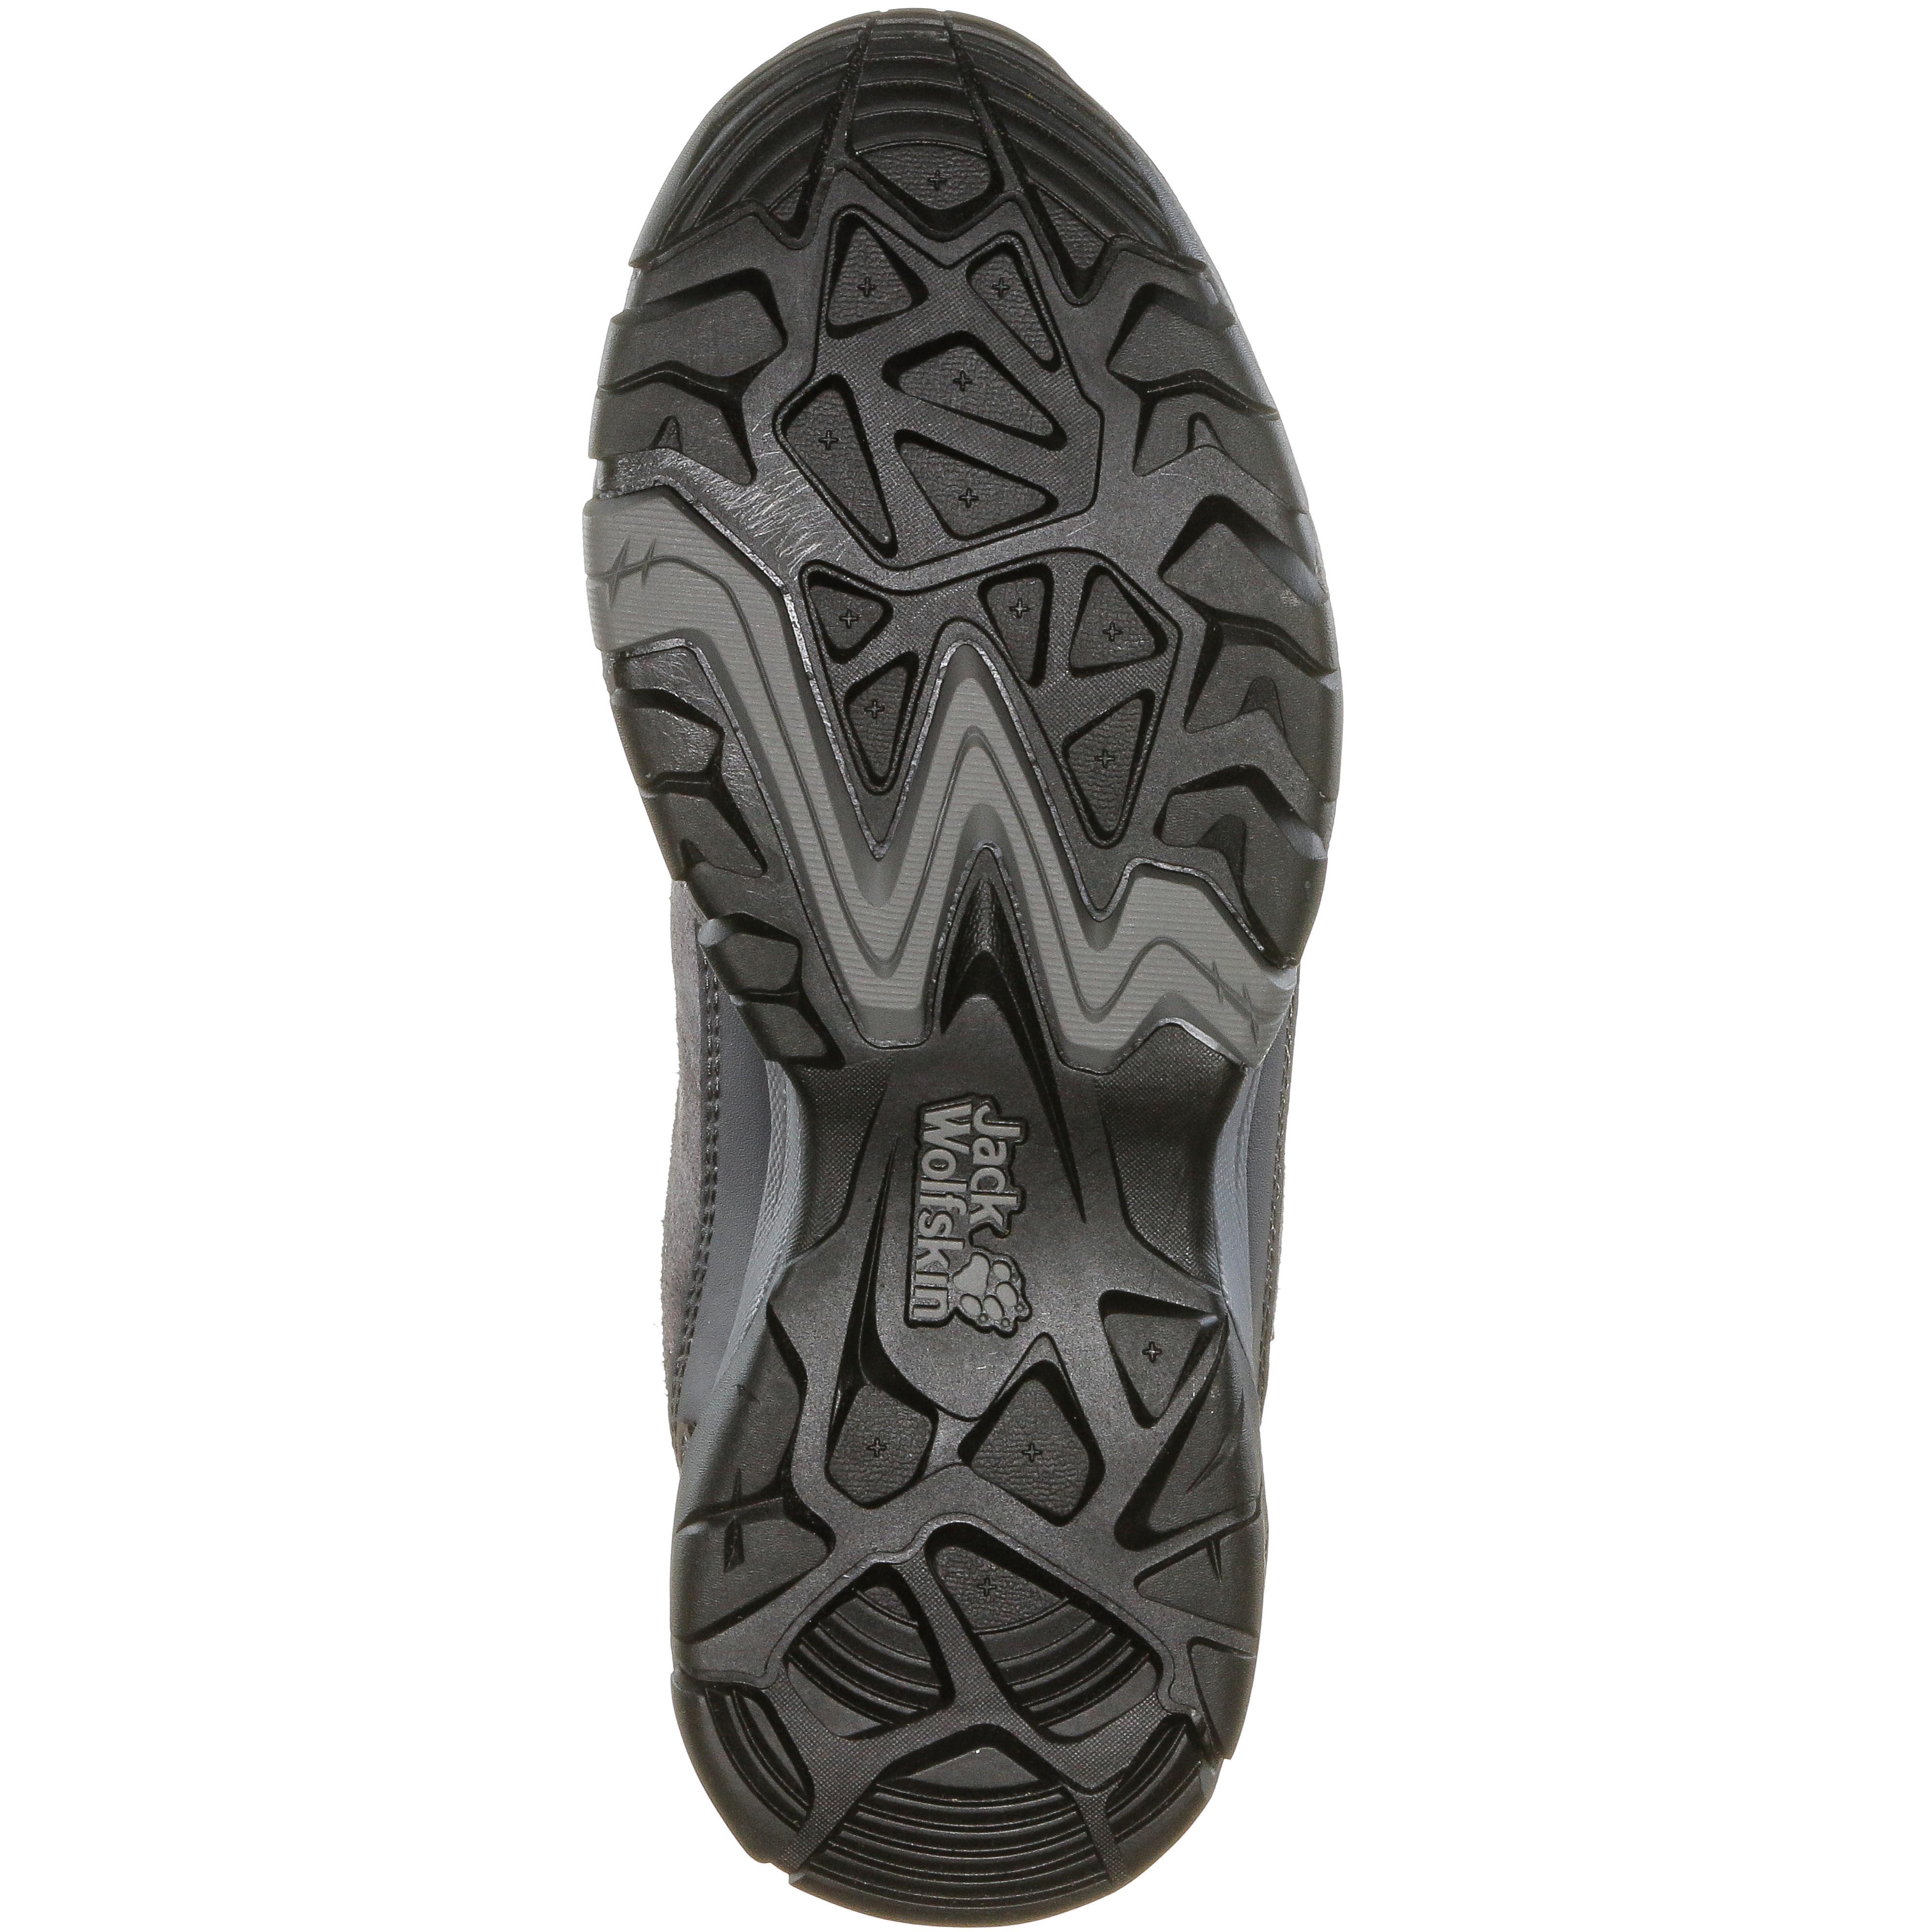 Jack Wolfskin MTN ATTACK 6 TEXAPORE LOW LOW LOW Wanderschuhe Damen grau haze im Online Shop von SportScheck kaufen Gute Qualität beliebte Schuhe c965b4